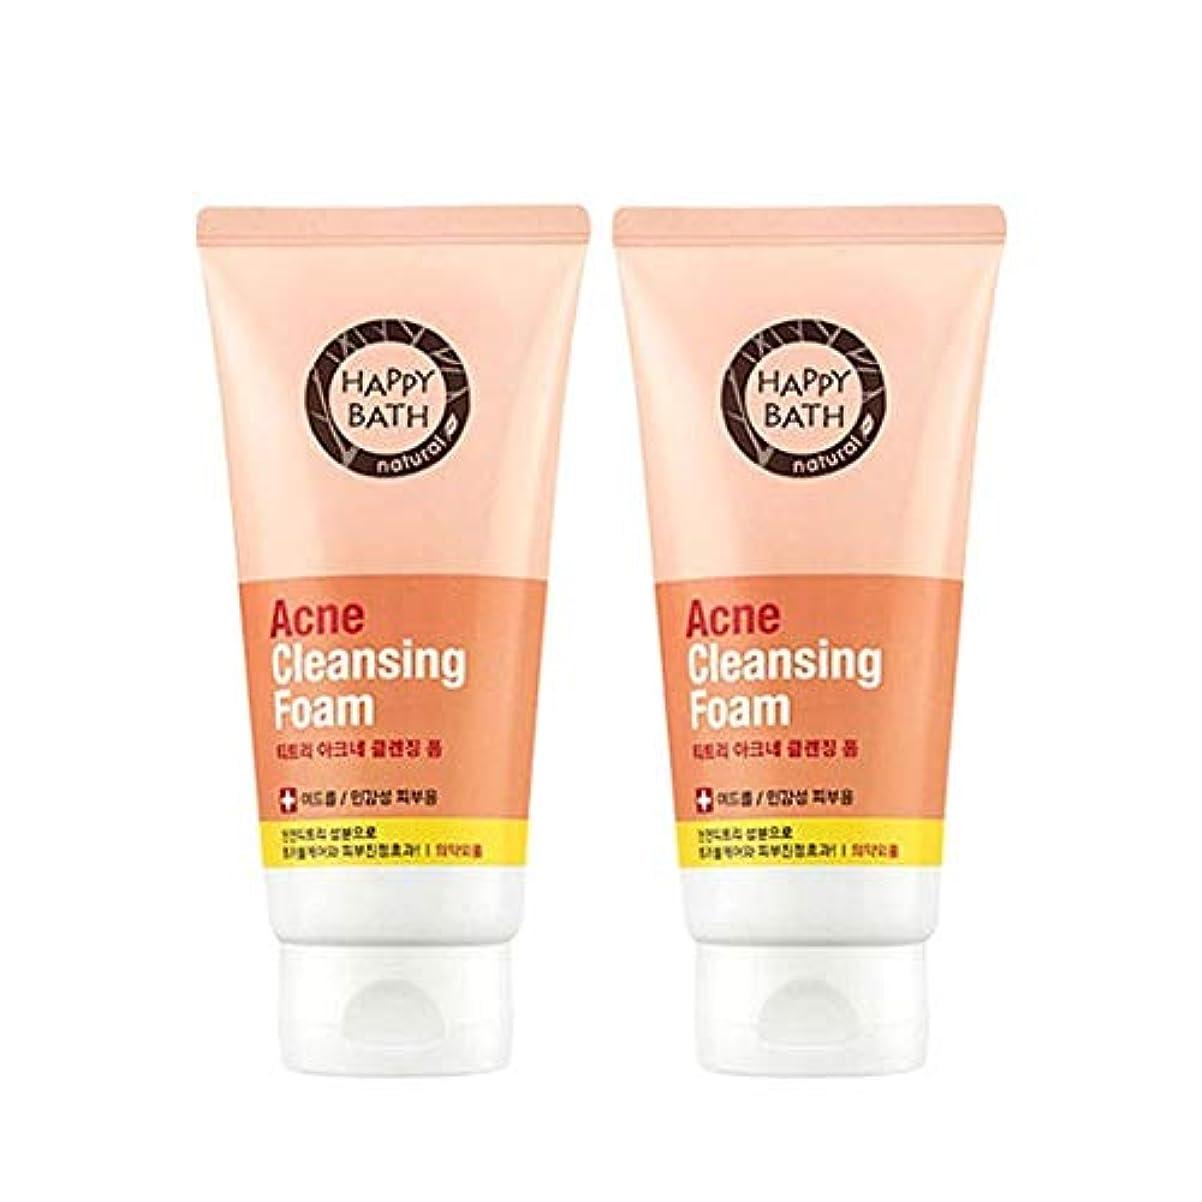 降下ロッカーコンクリートハッピーバスティーツリーアクネクレンジングフォーム175gx2本セット韓国コスメ、Happy Bath Acne Cleansing Foam 175g x 2ea Set Korean Cosmetics [並行輸入品]